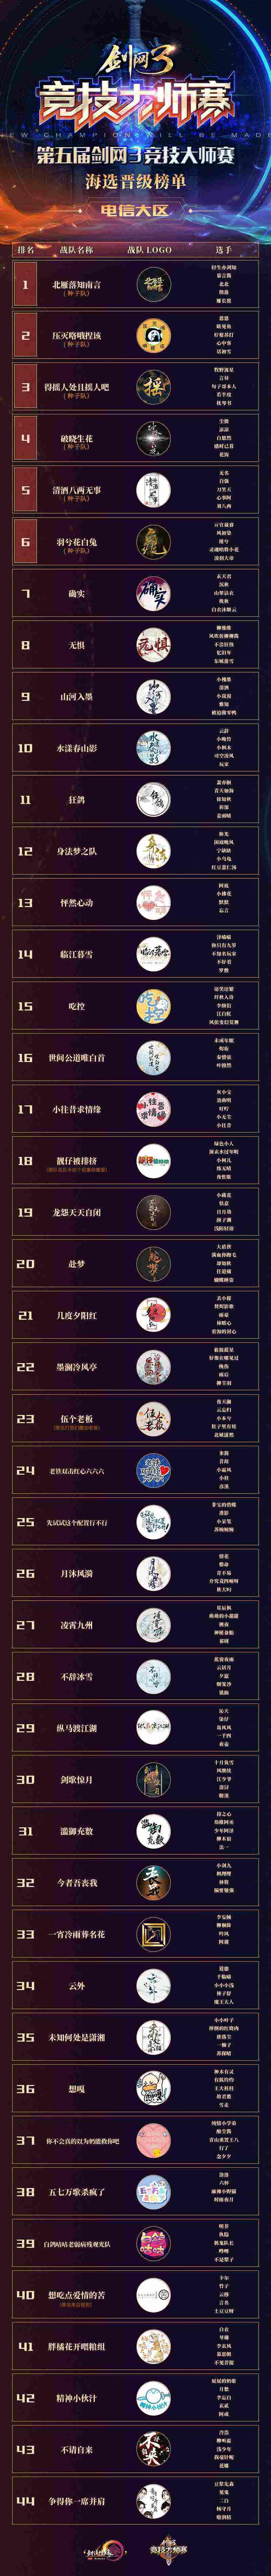 《剑网3》大师赛海选晋级榜单公示 线上抽签本周开启